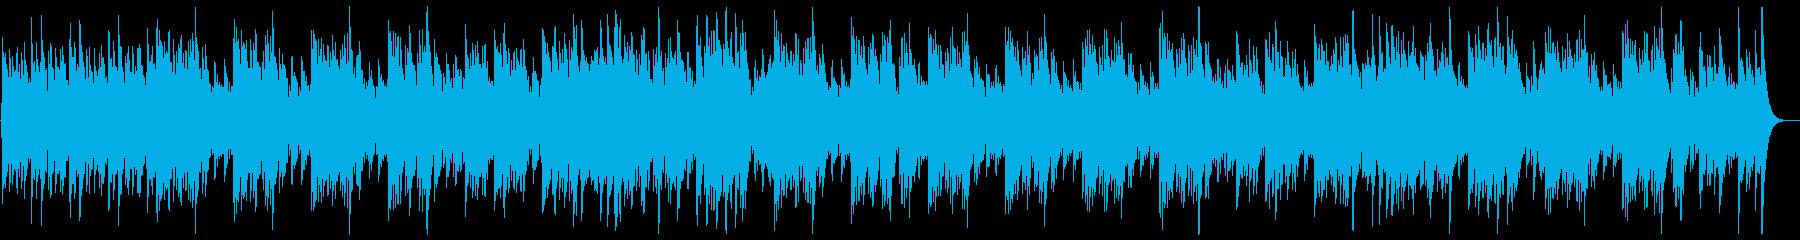 華やかで明るいオルゴールの再生済みの波形